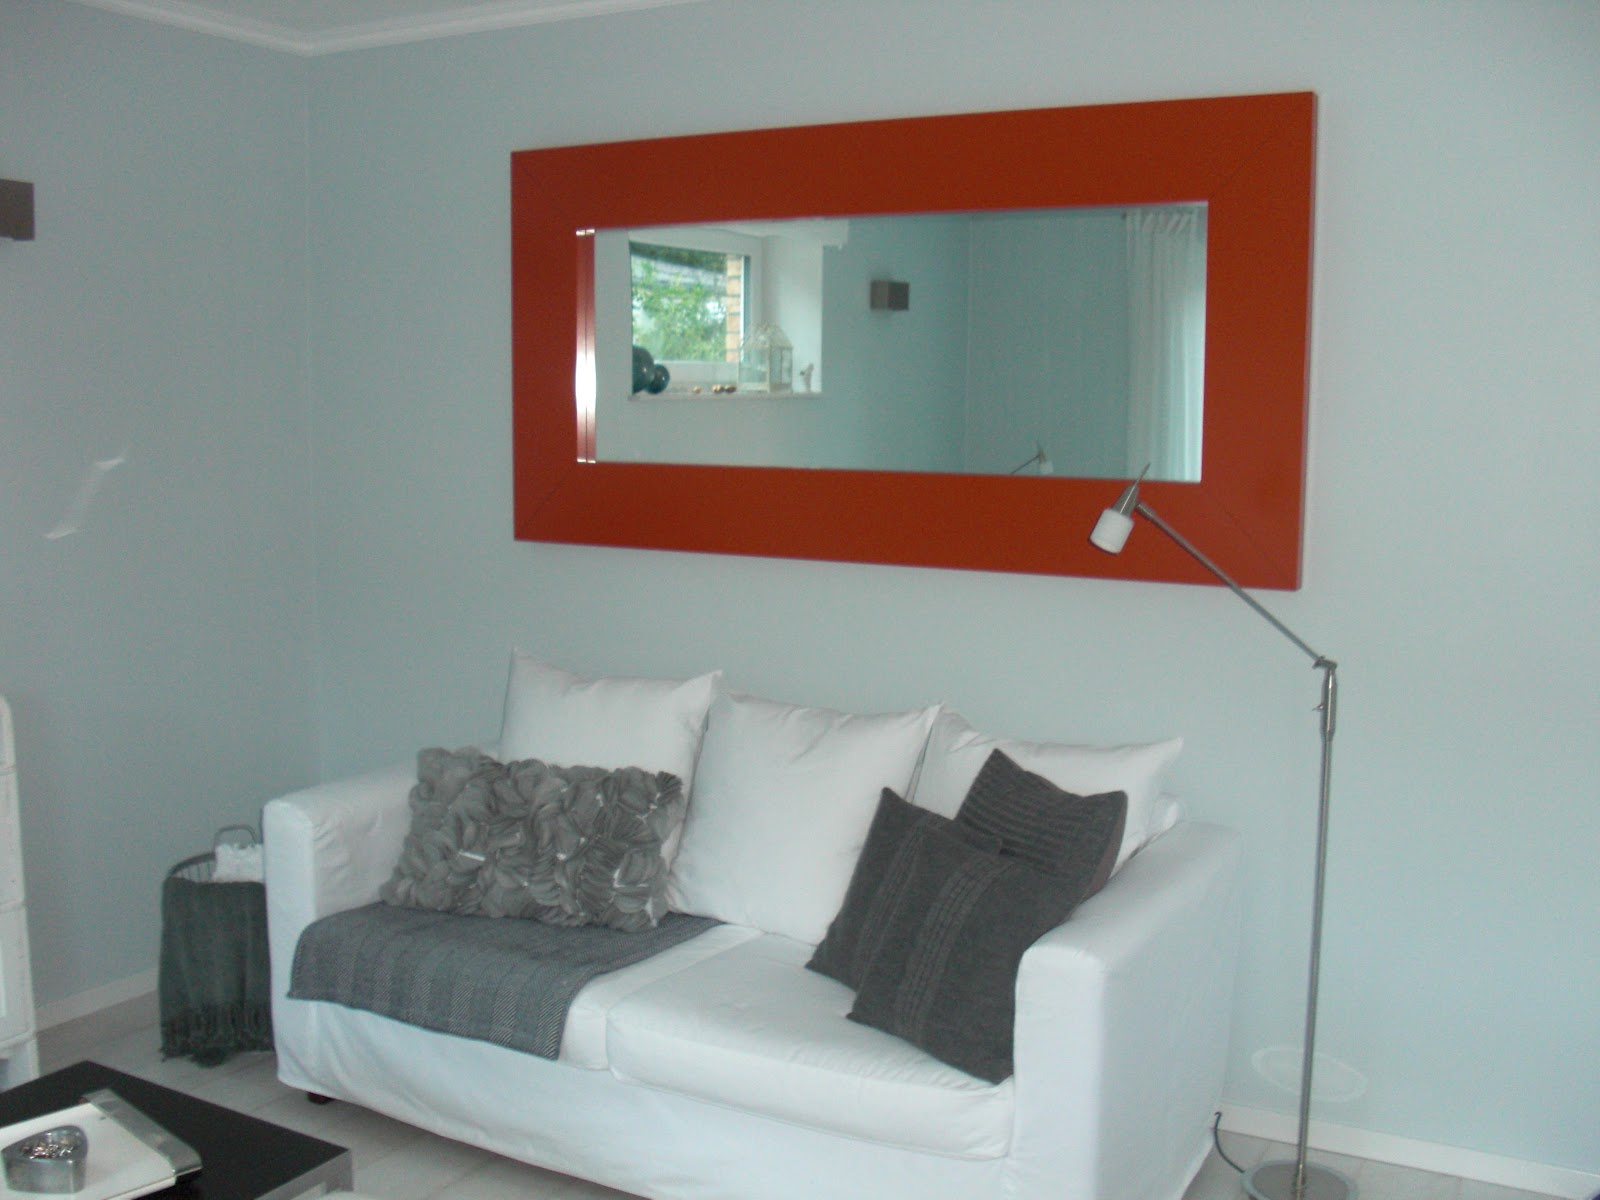 heim elich spieglein spieglein. Black Bedroom Furniture Sets. Home Design Ideas